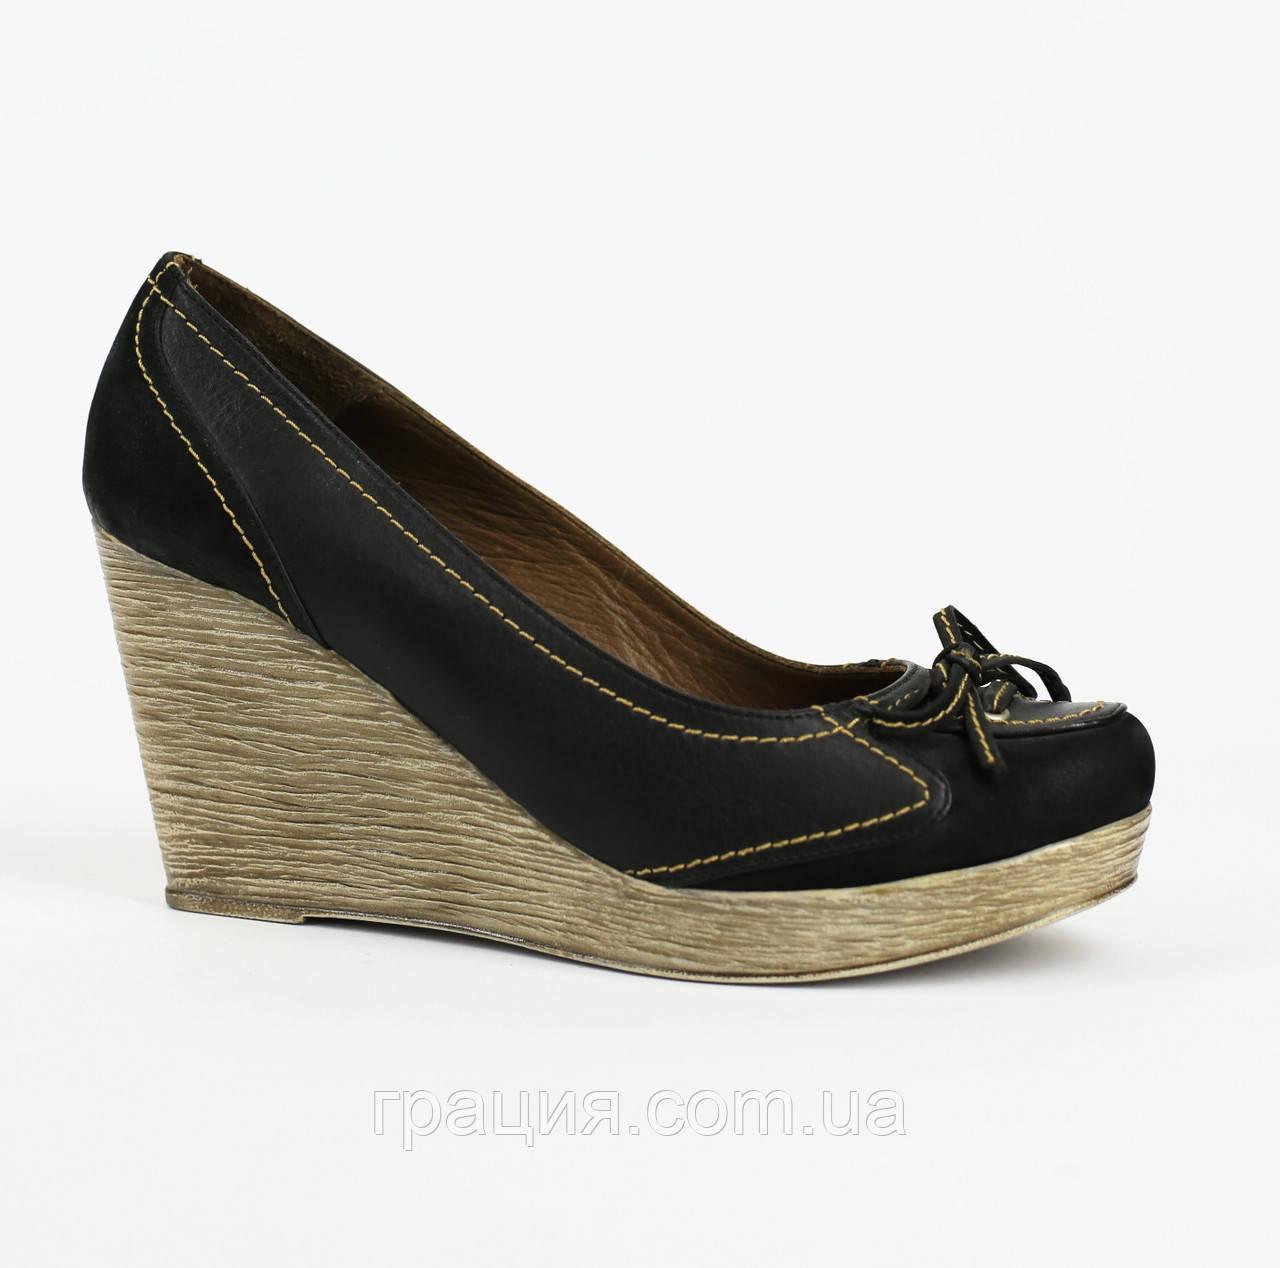 Туфлі жіночі шкіряні на танкетці